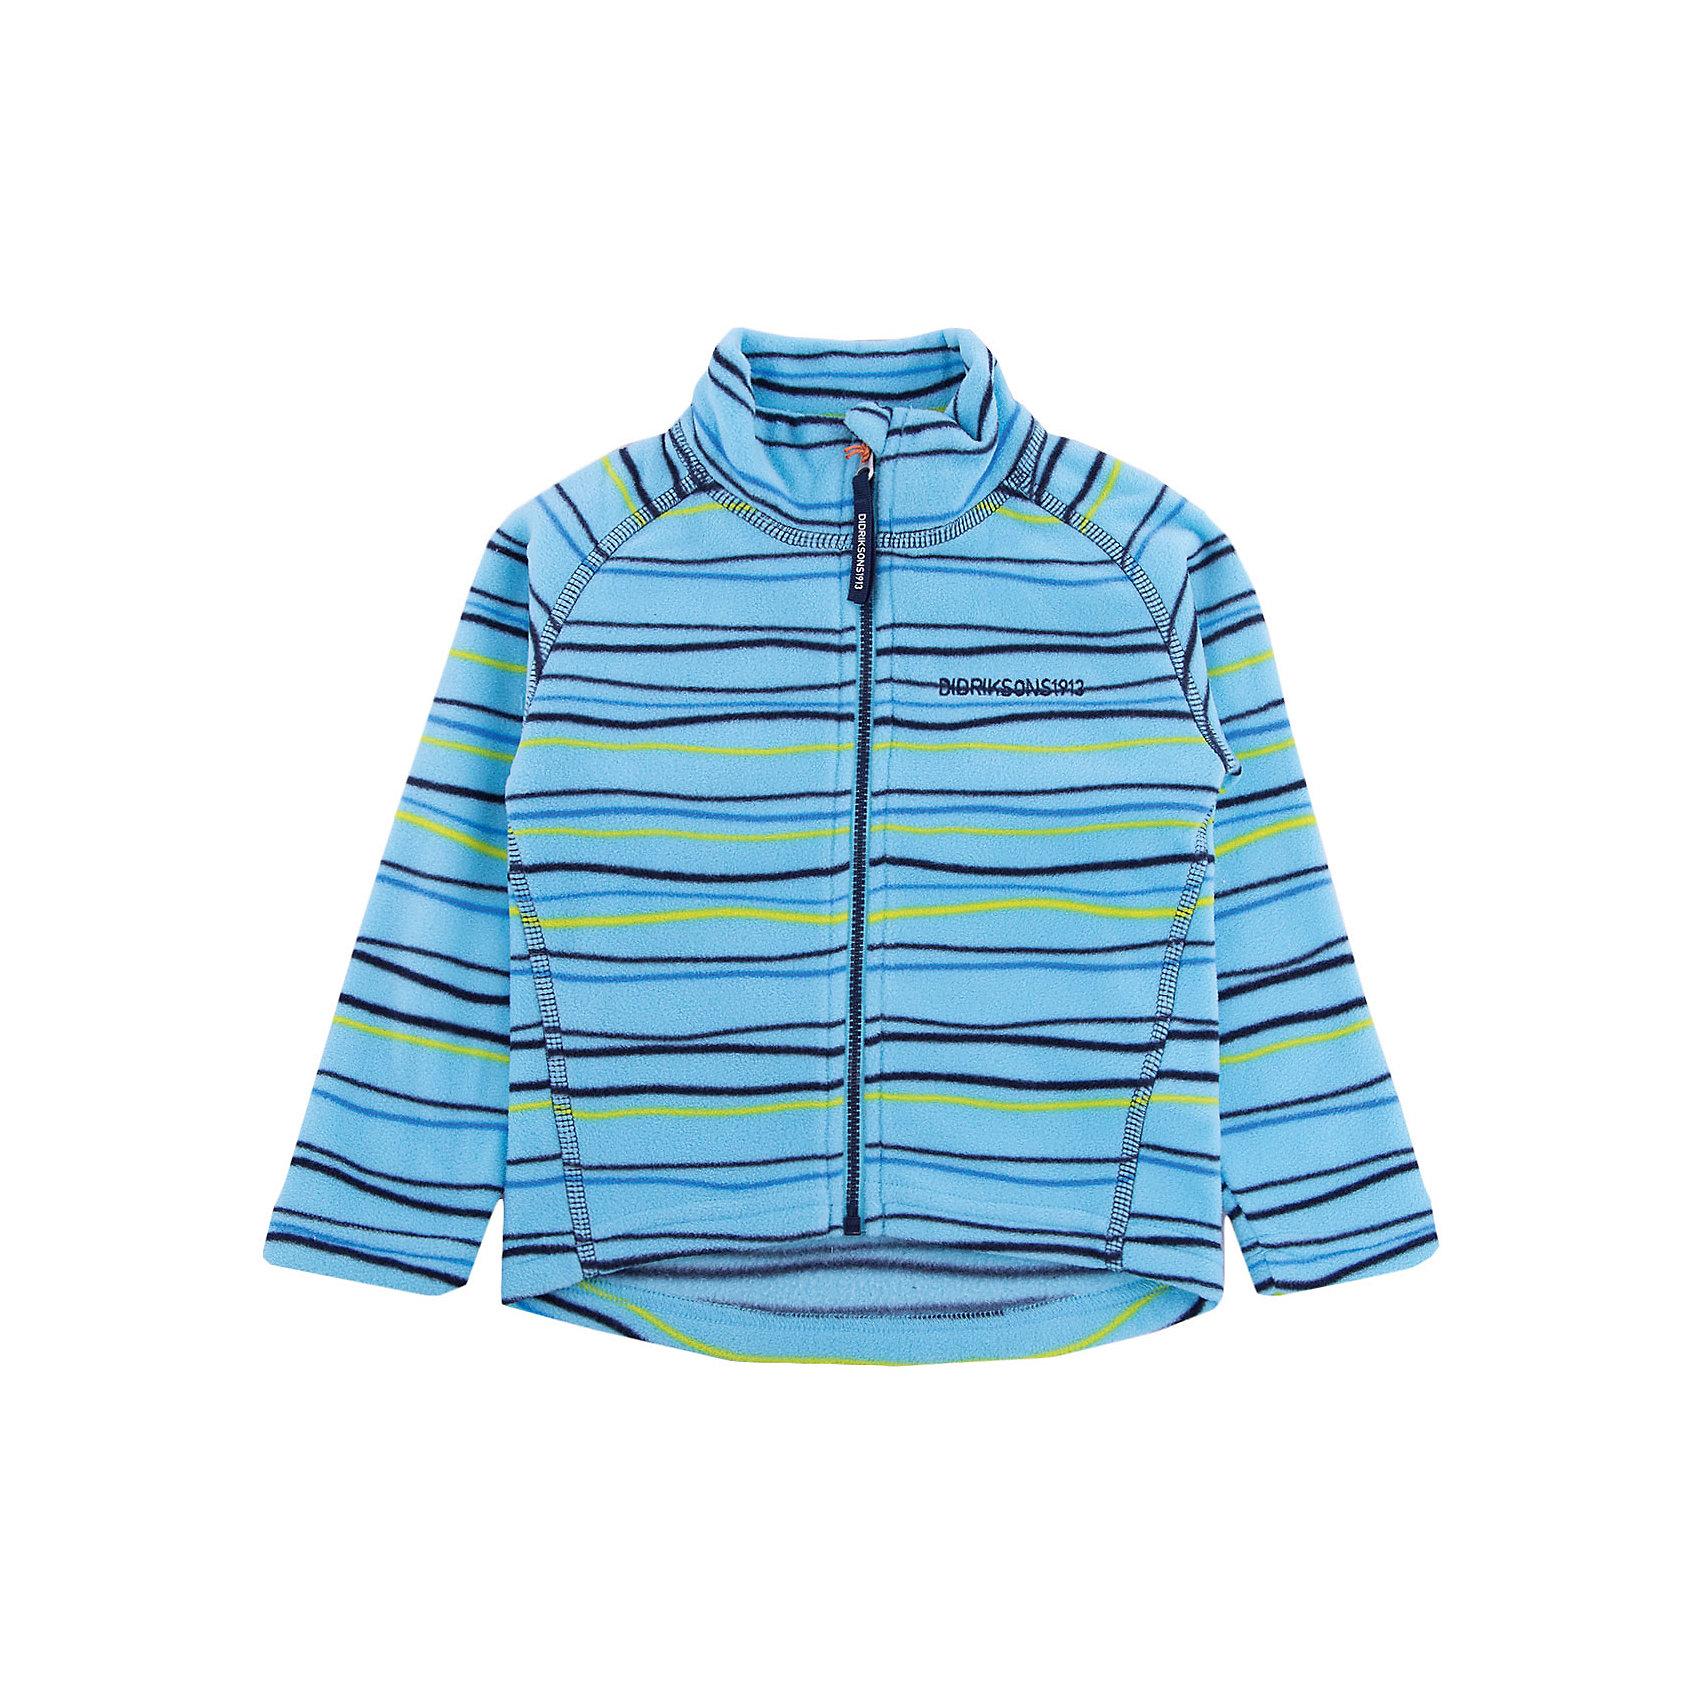 Толстовка MONTE KIDS PRINT для мальчика DIDRIKSONSТолстовки<br>Толстовка из тонкого флиса. Мягкий и комфортный флис обладает хорошими теплоизоляционными свойствами, которые сохраняются даже во влажном состоянии. Этот материал прост в уходе (допускается стирка в машине). Весной и летом эта модель будет работать как самостоятельная верхняя одежда, а в ненастную погоду ее можно использовать как утепляющий слой под водонепроницаемую верхнюю одежду.<br>Состав:<br>100% полиэстер<br><br>Ширина мм: 356<br>Глубина мм: 10<br>Высота мм: 245<br>Вес г: 519<br>Цвет: голубой<br>Возраст от месяцев: 72<br>Возраст до месяцев: 84<br>Пол: Мужской<br>Возраст: Детский<br>Размер: 120,110,90,100,80,130,140<br>SKU: 5576846